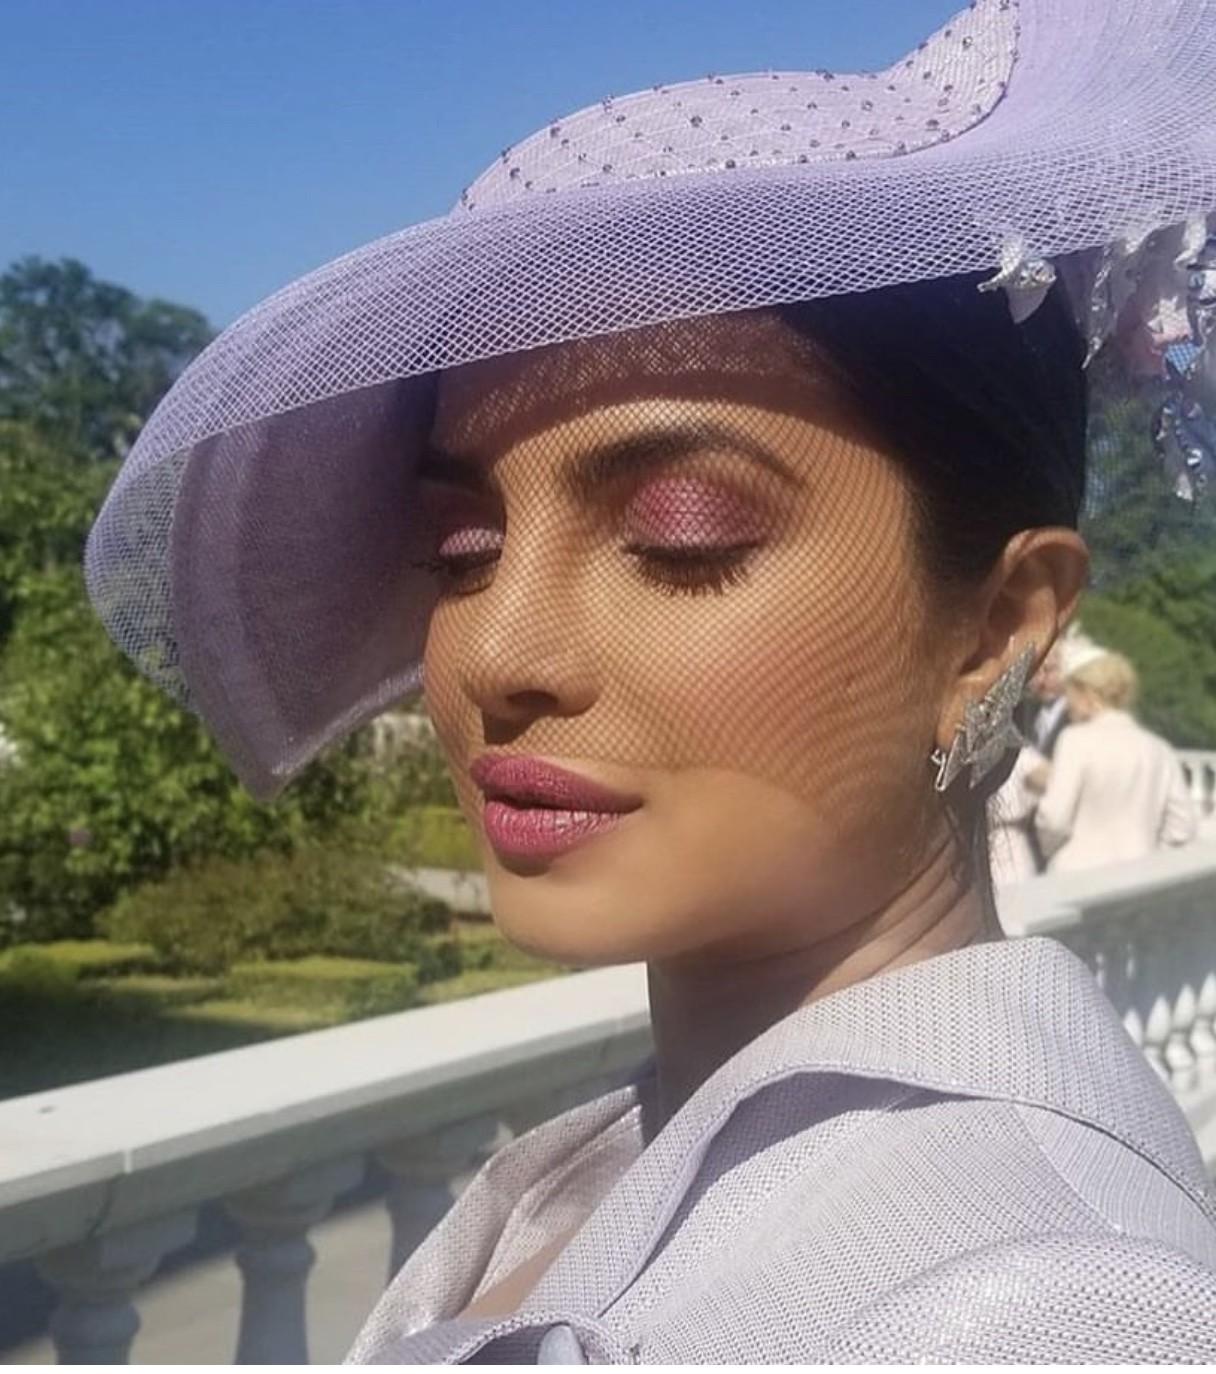 A atriz indiana Priyanka Chopra também foi de fascinator (Foto: Reprodução Instagram)